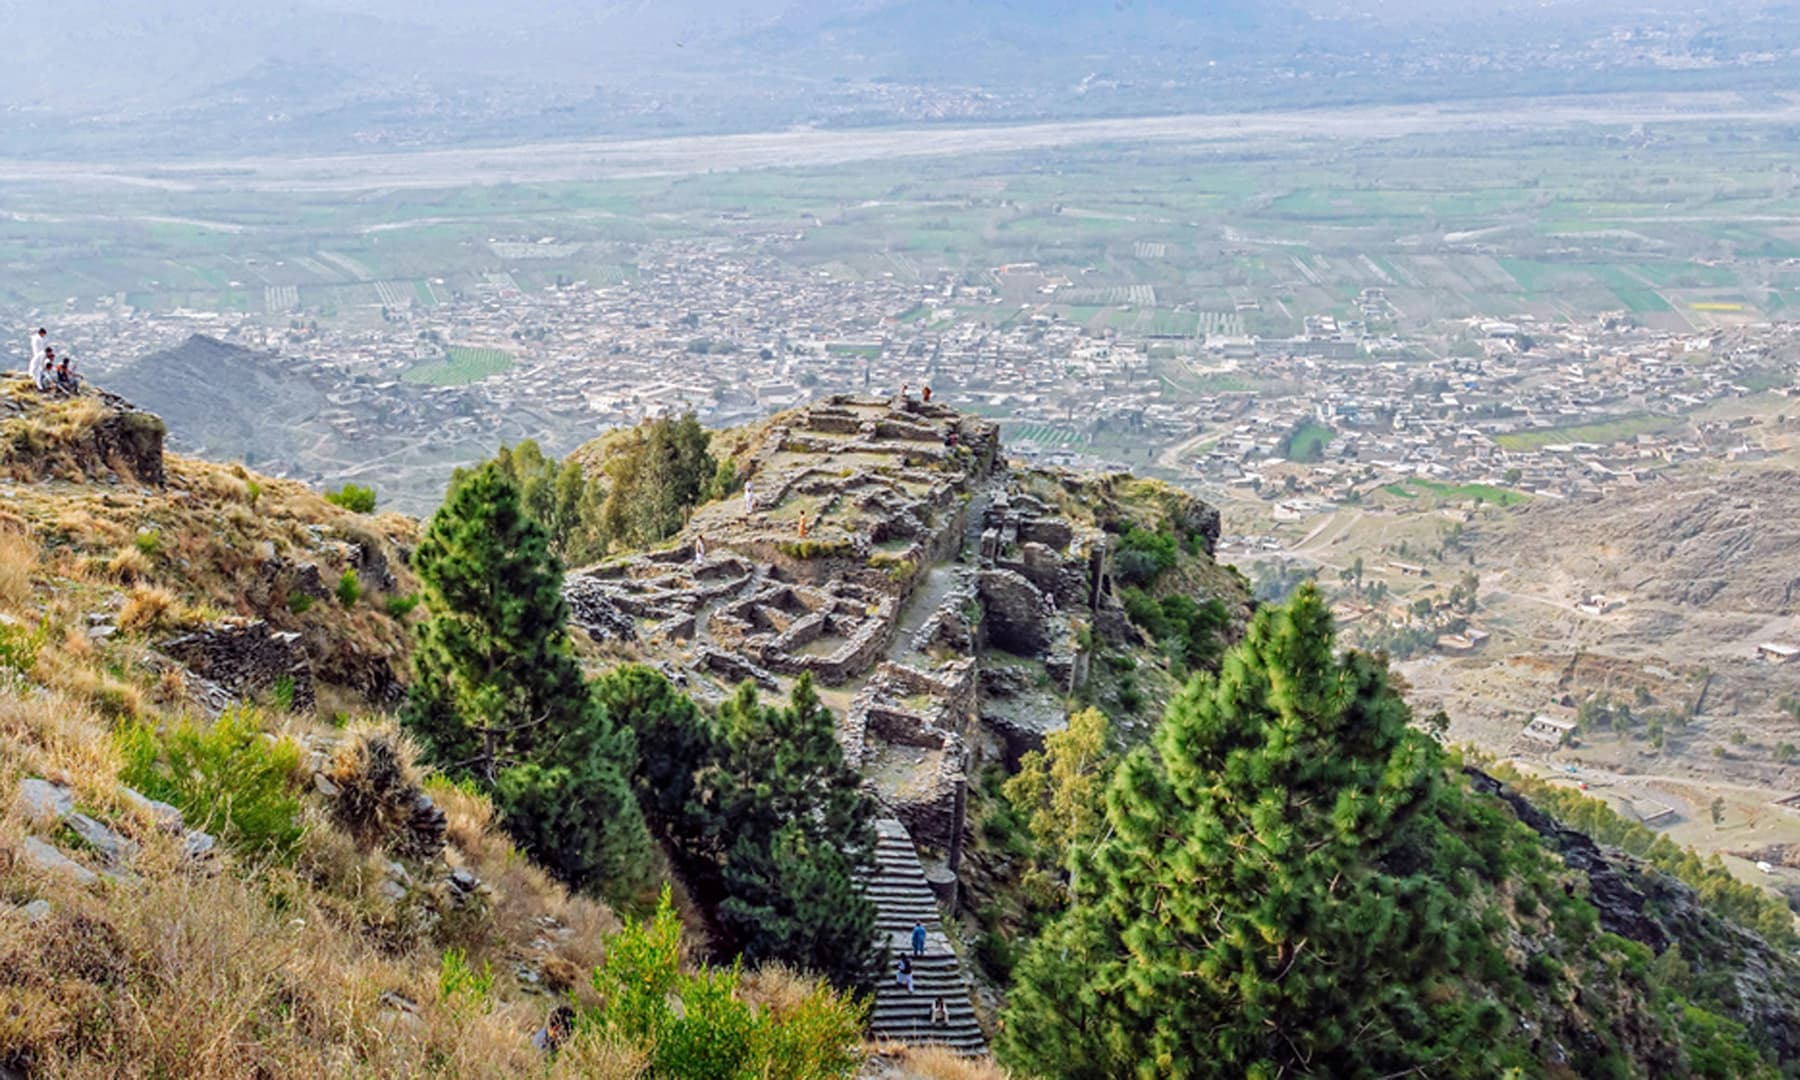 راجا گیرا کا قلعہ جس سے وادی کا نظاراکیا جاسکتا ہے۔